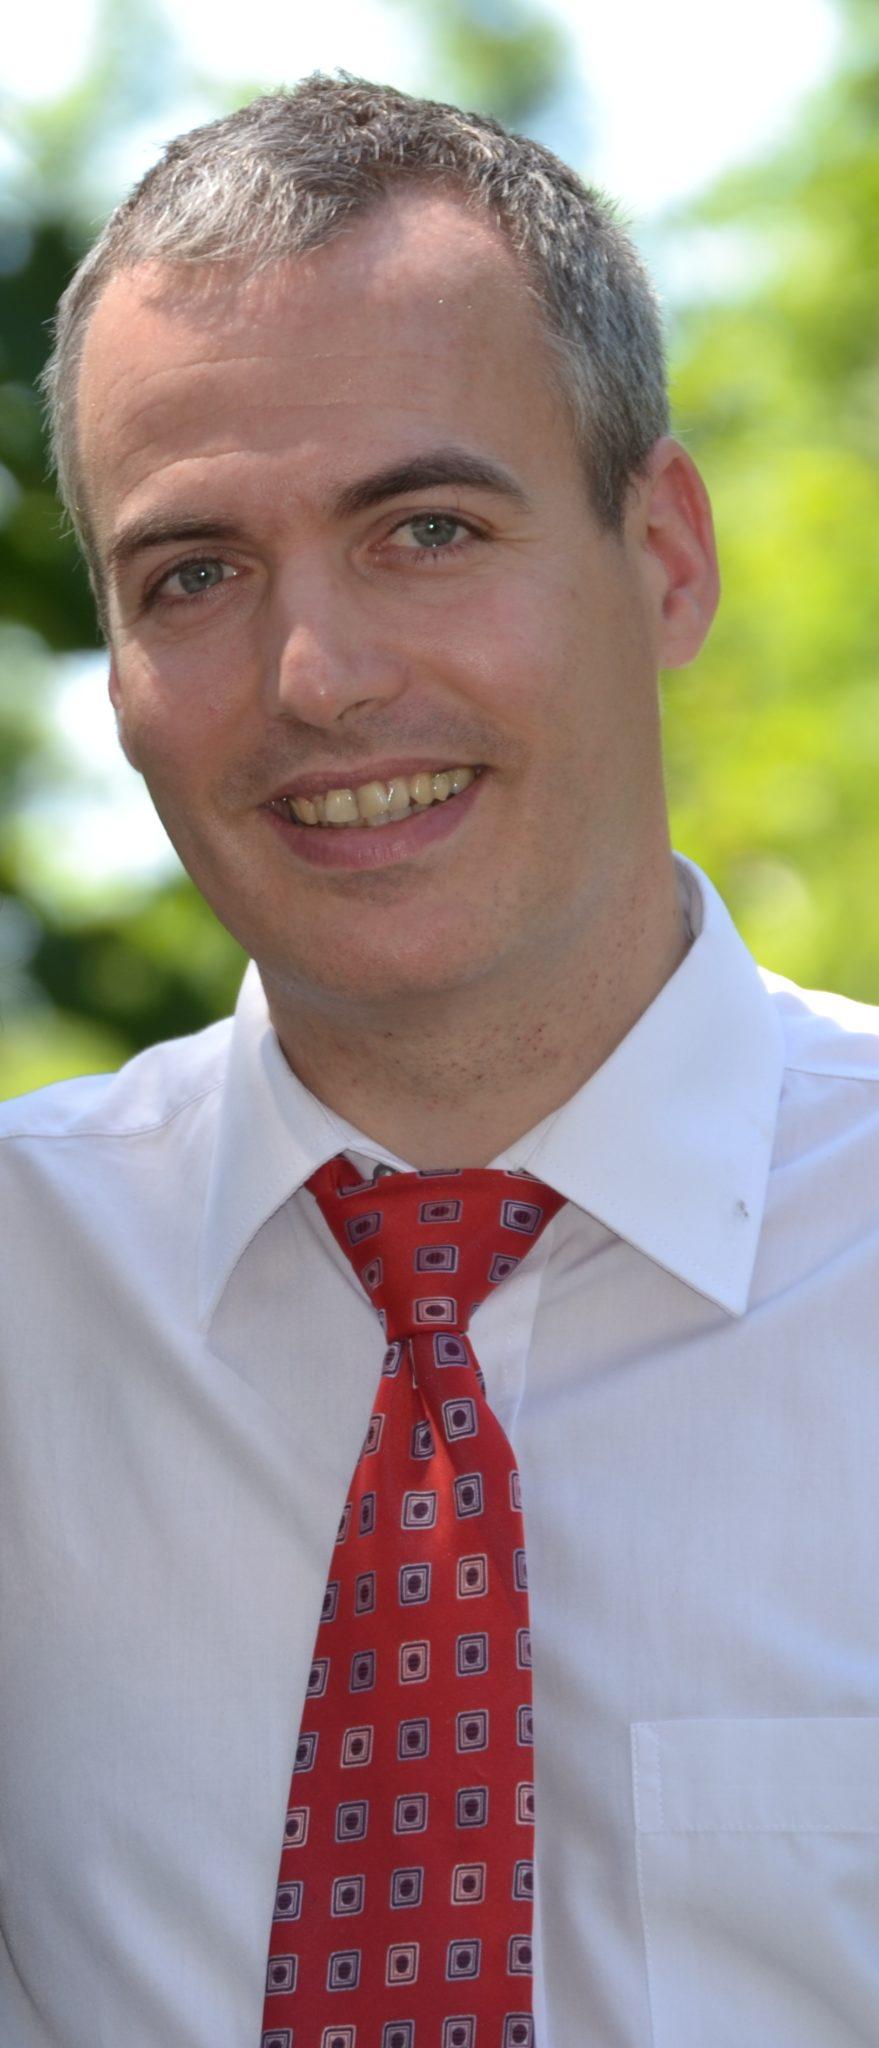 Conf. univ. dr. Szabó Levente